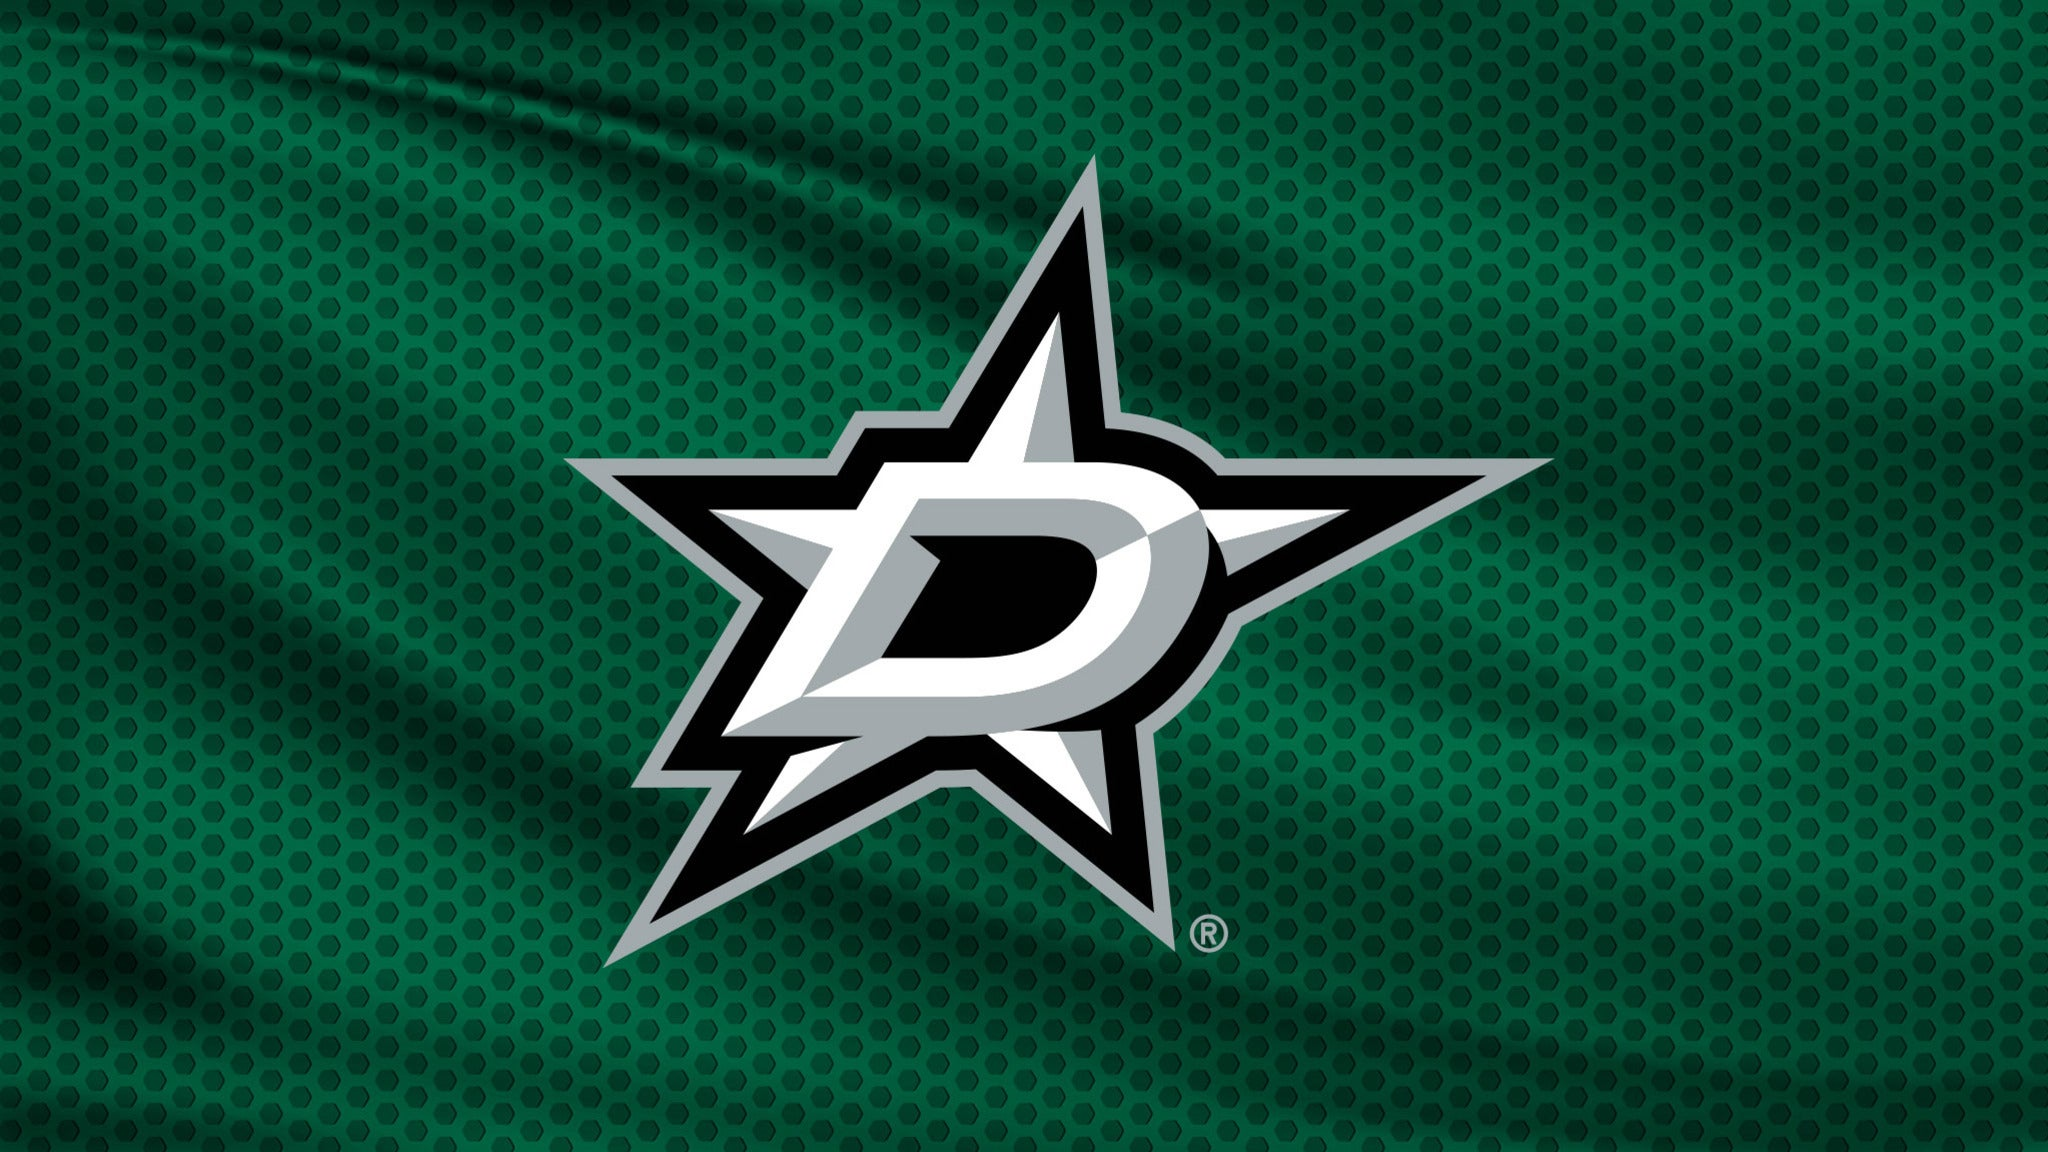 Dallas Stars vs. St. Louis Blues pre-sale password for early tickets in Dallas